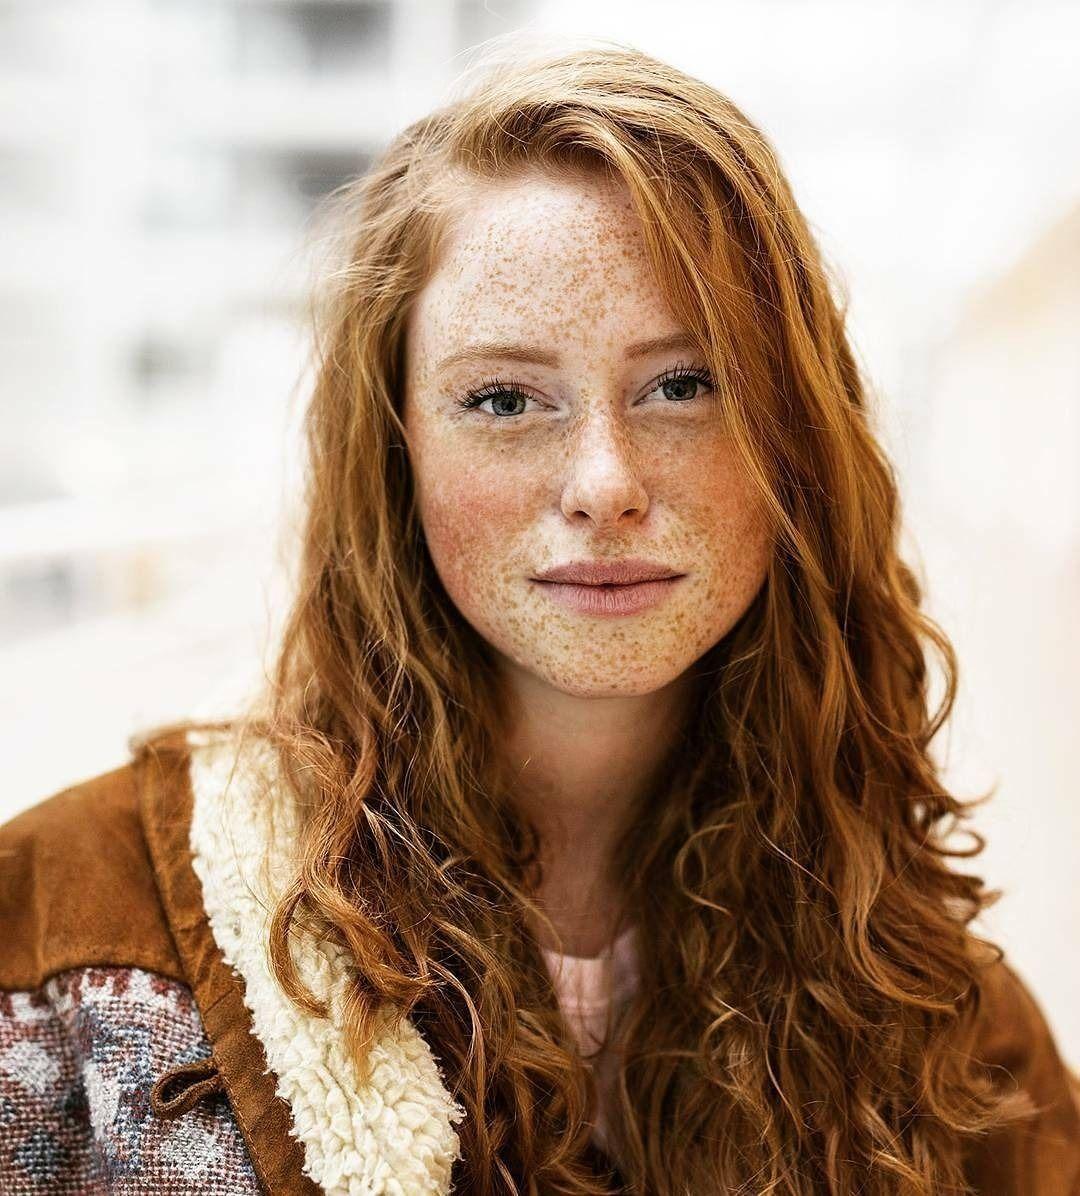 nsfw redhead